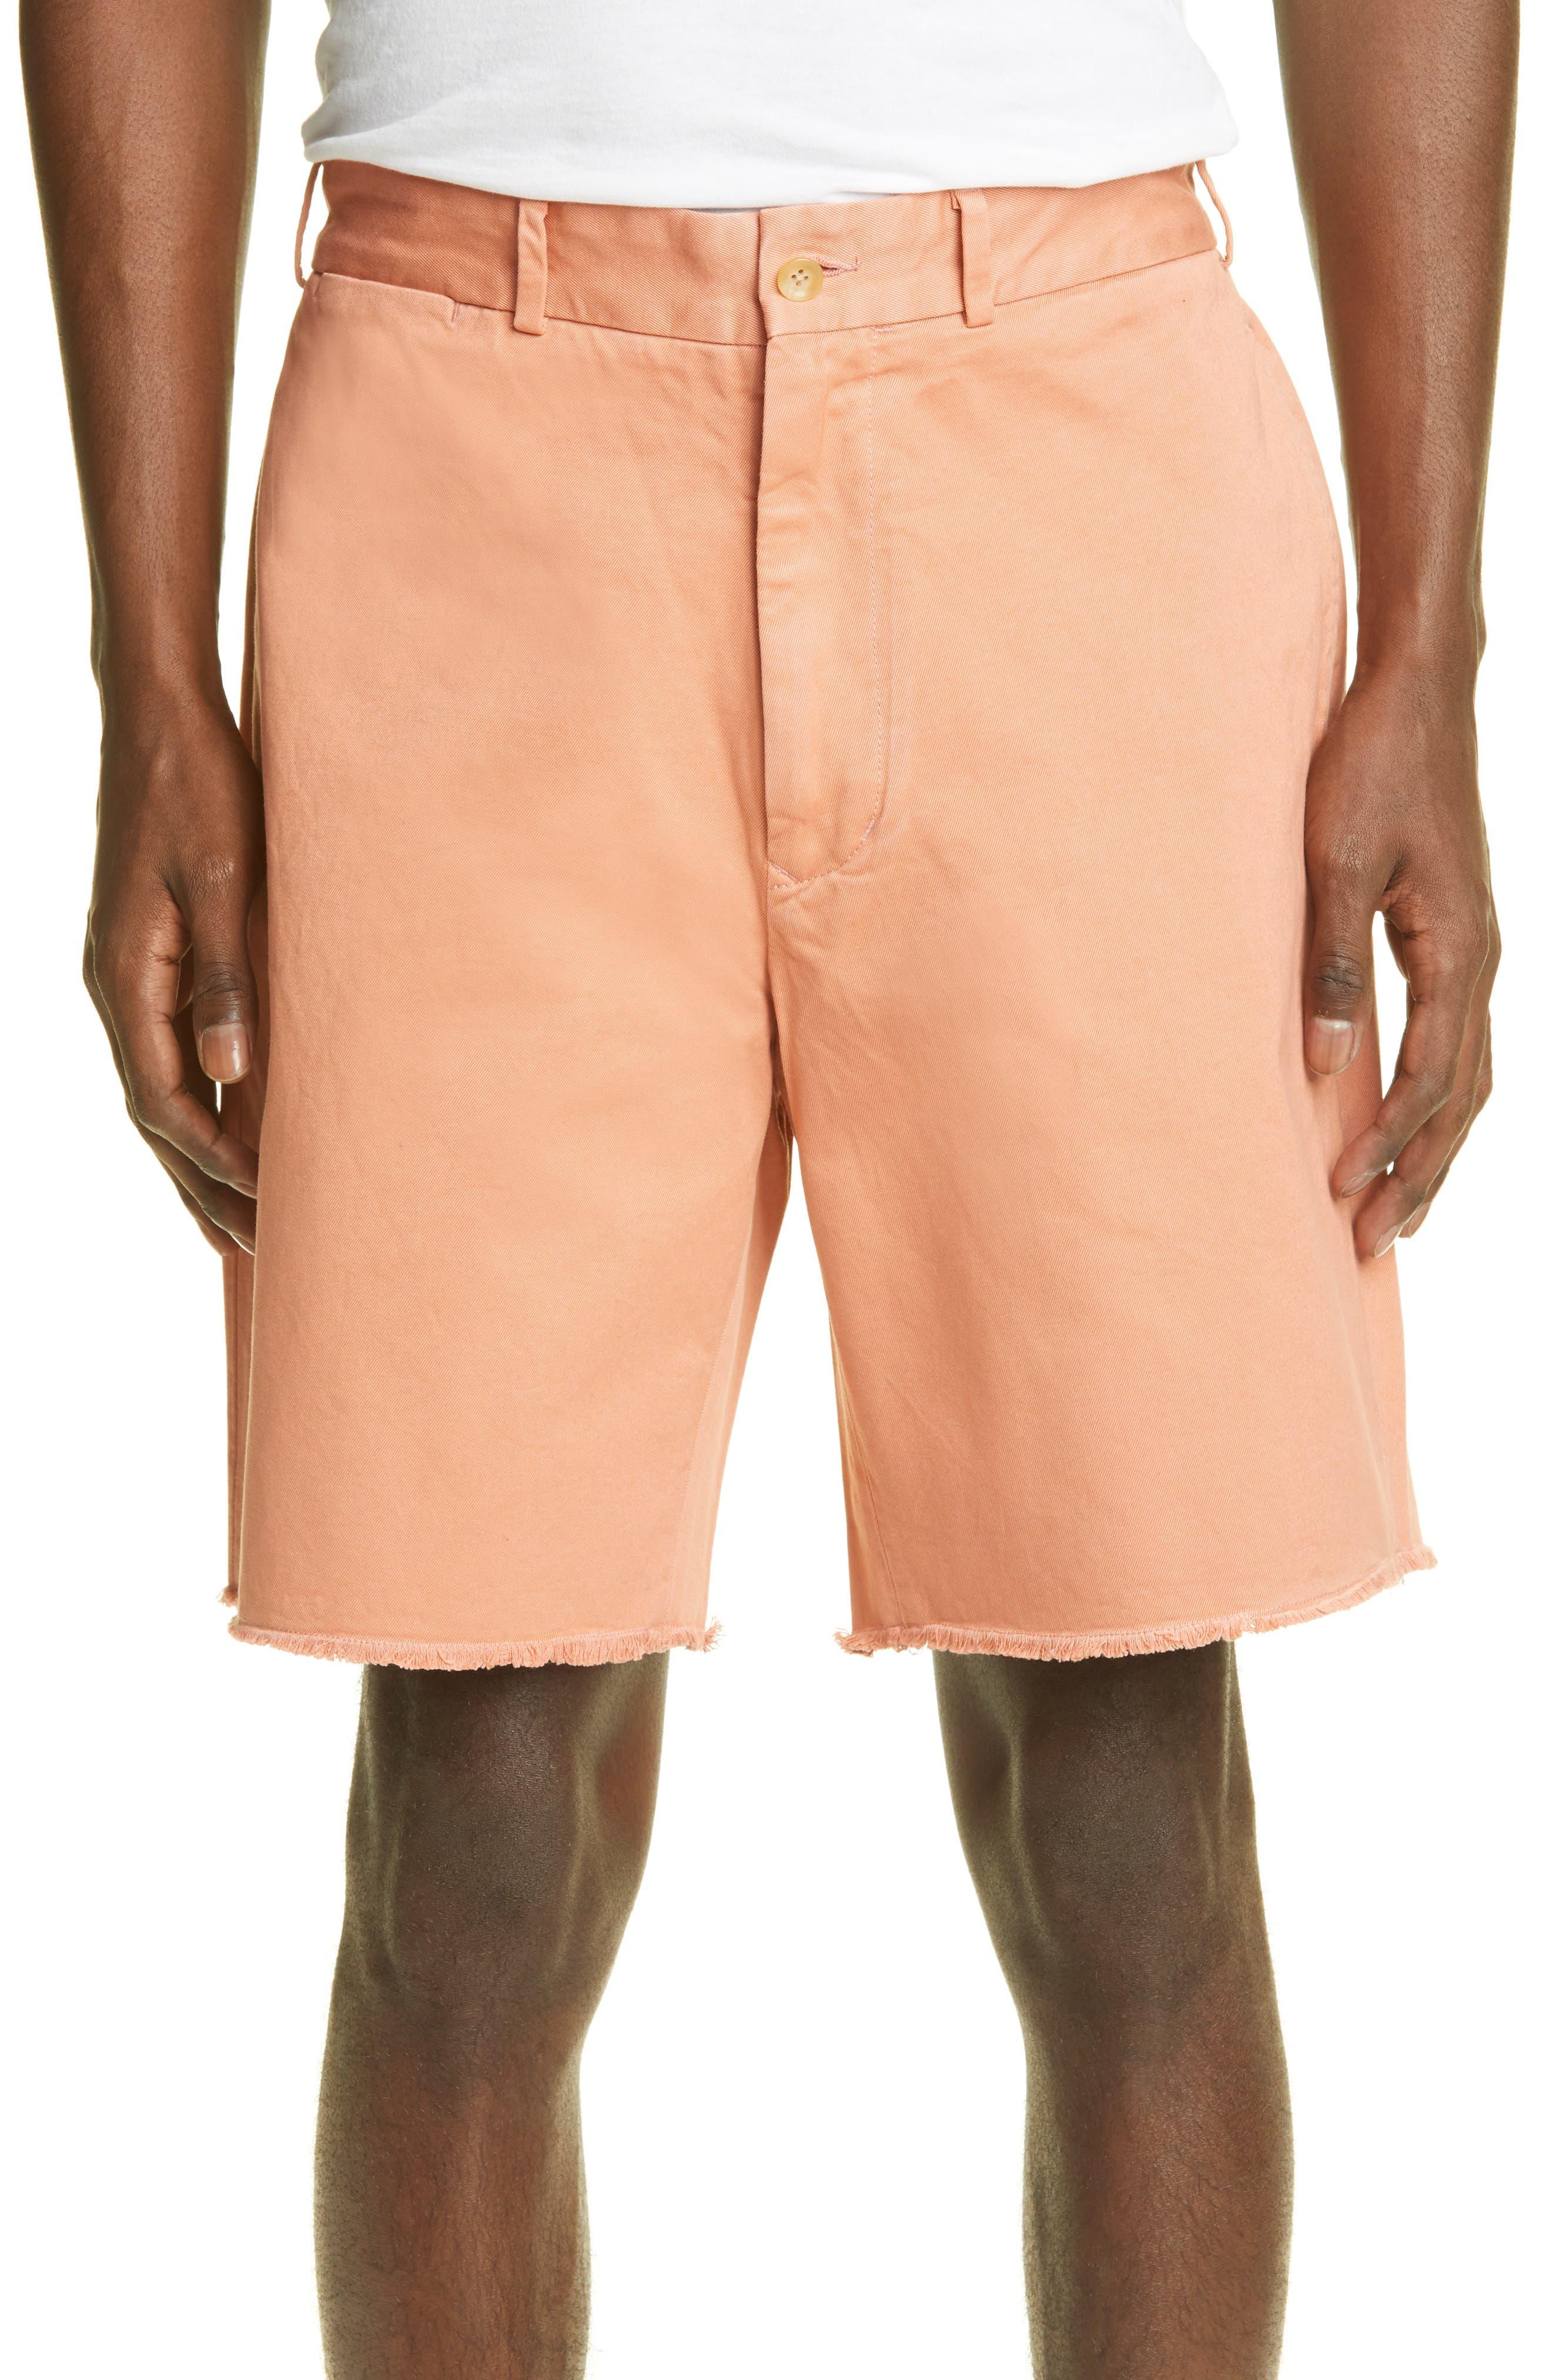 Cutoff Chino Shorts